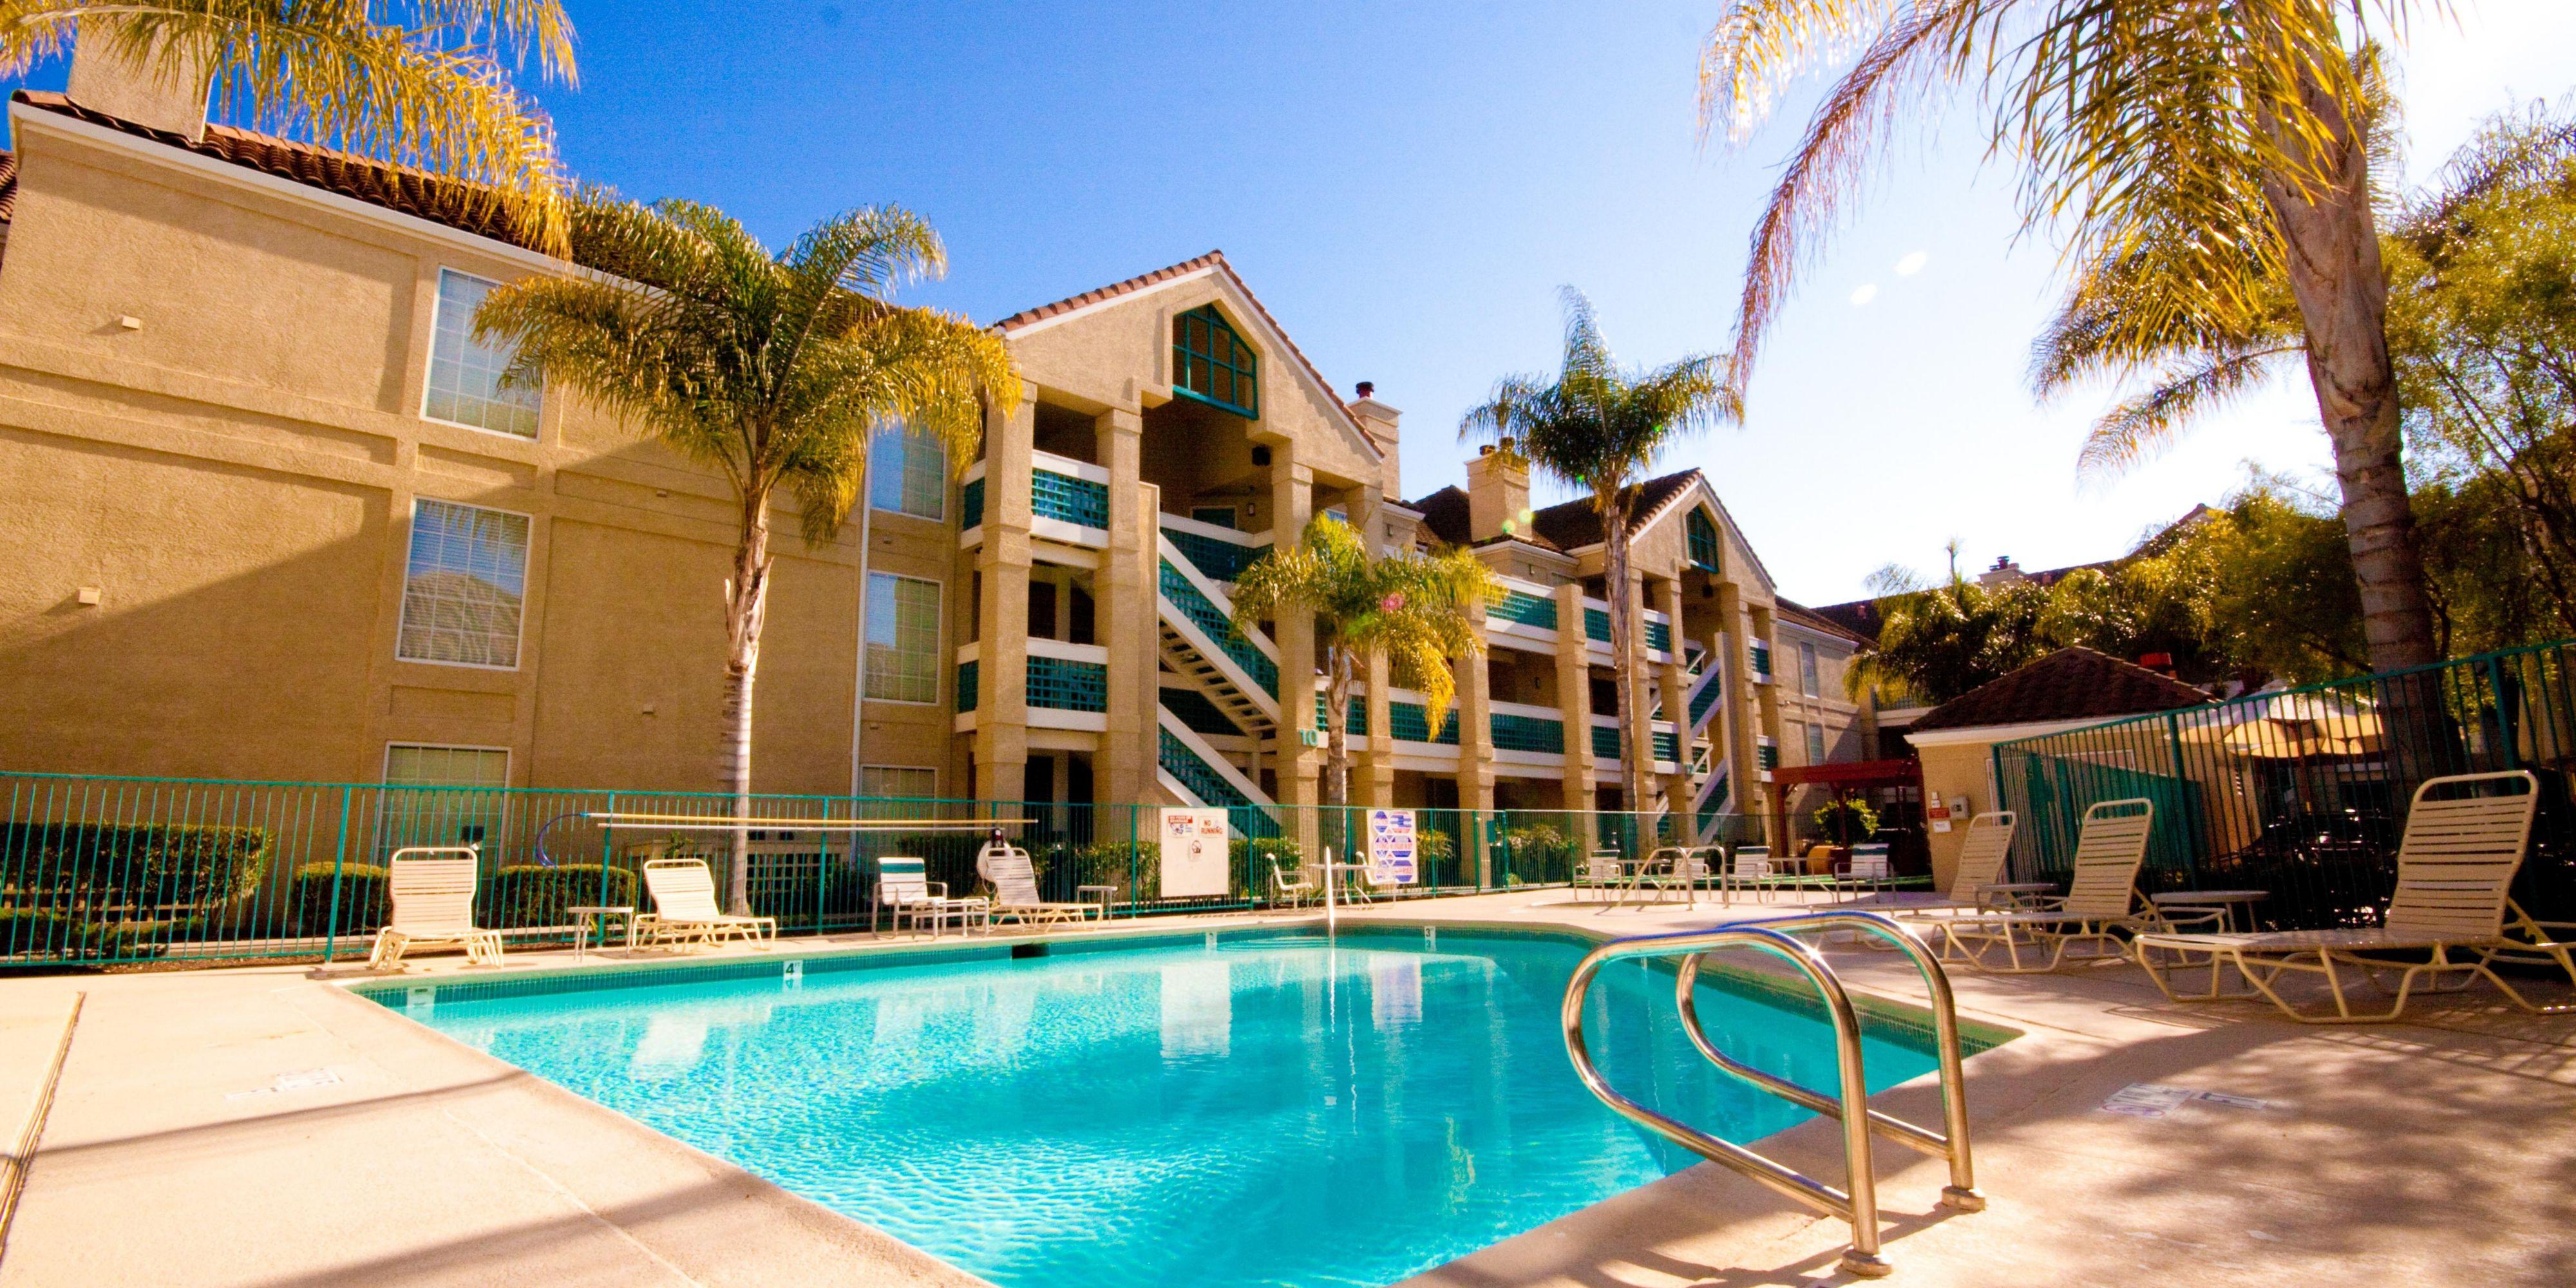 Staybridge Suites Sunnyvale image 2